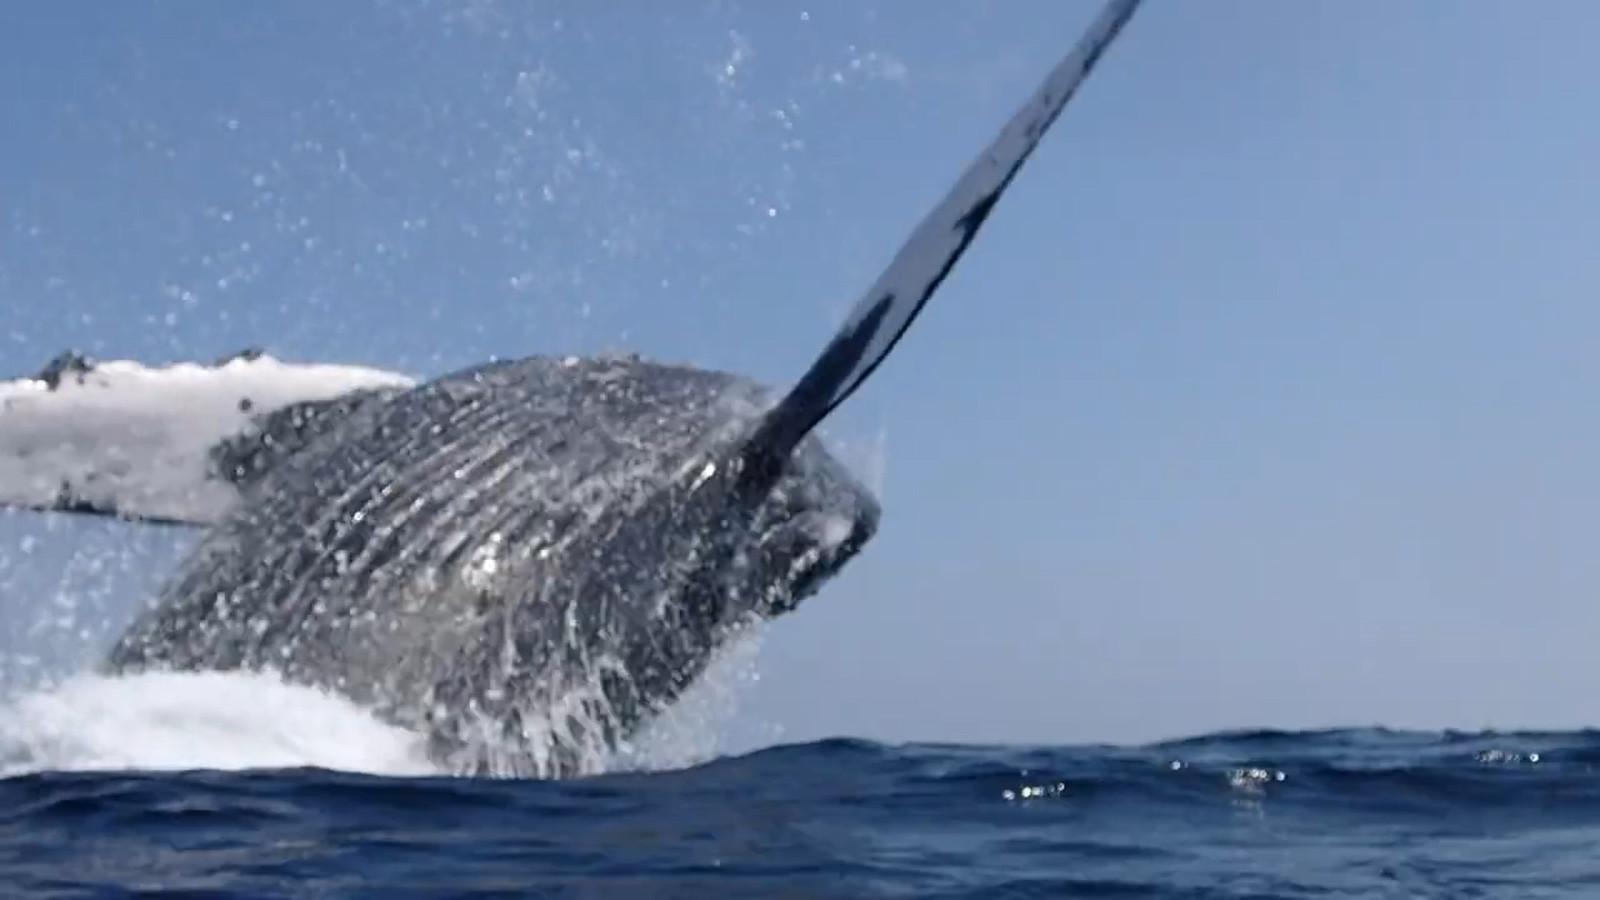 Deux plongeurs manquent de peu de se faire écraser par une baleine.